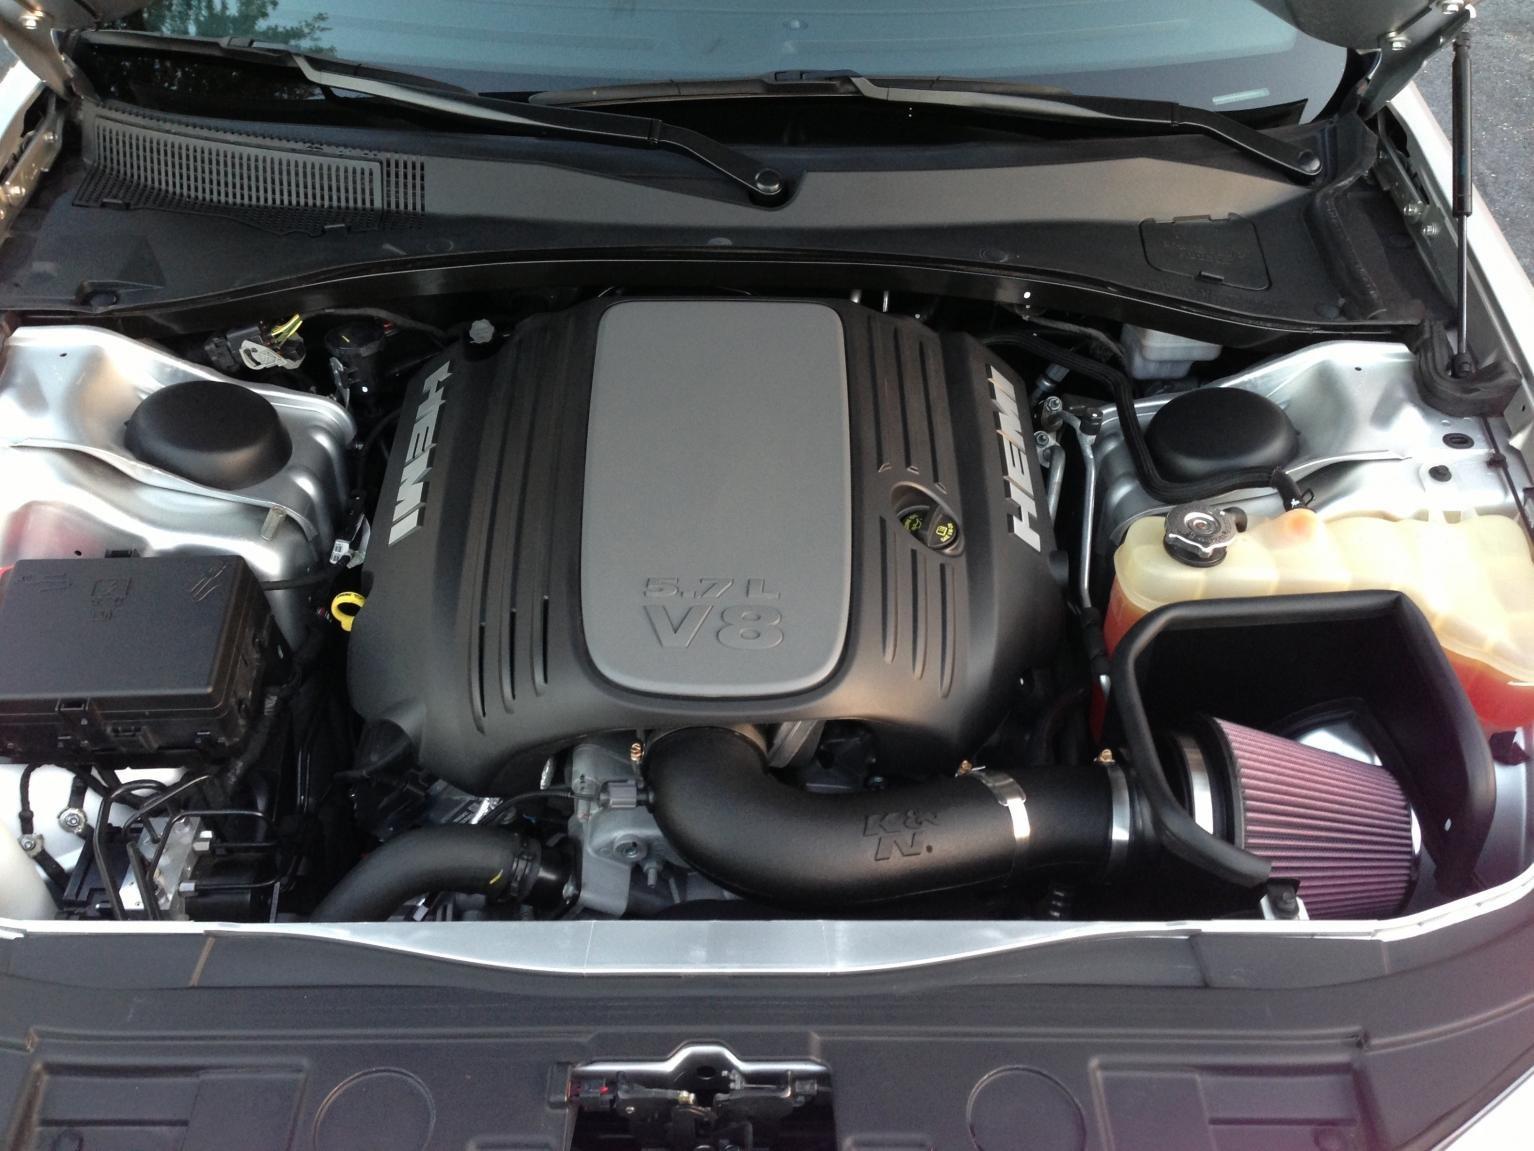 K&N Intake on my 300C-image.jpg